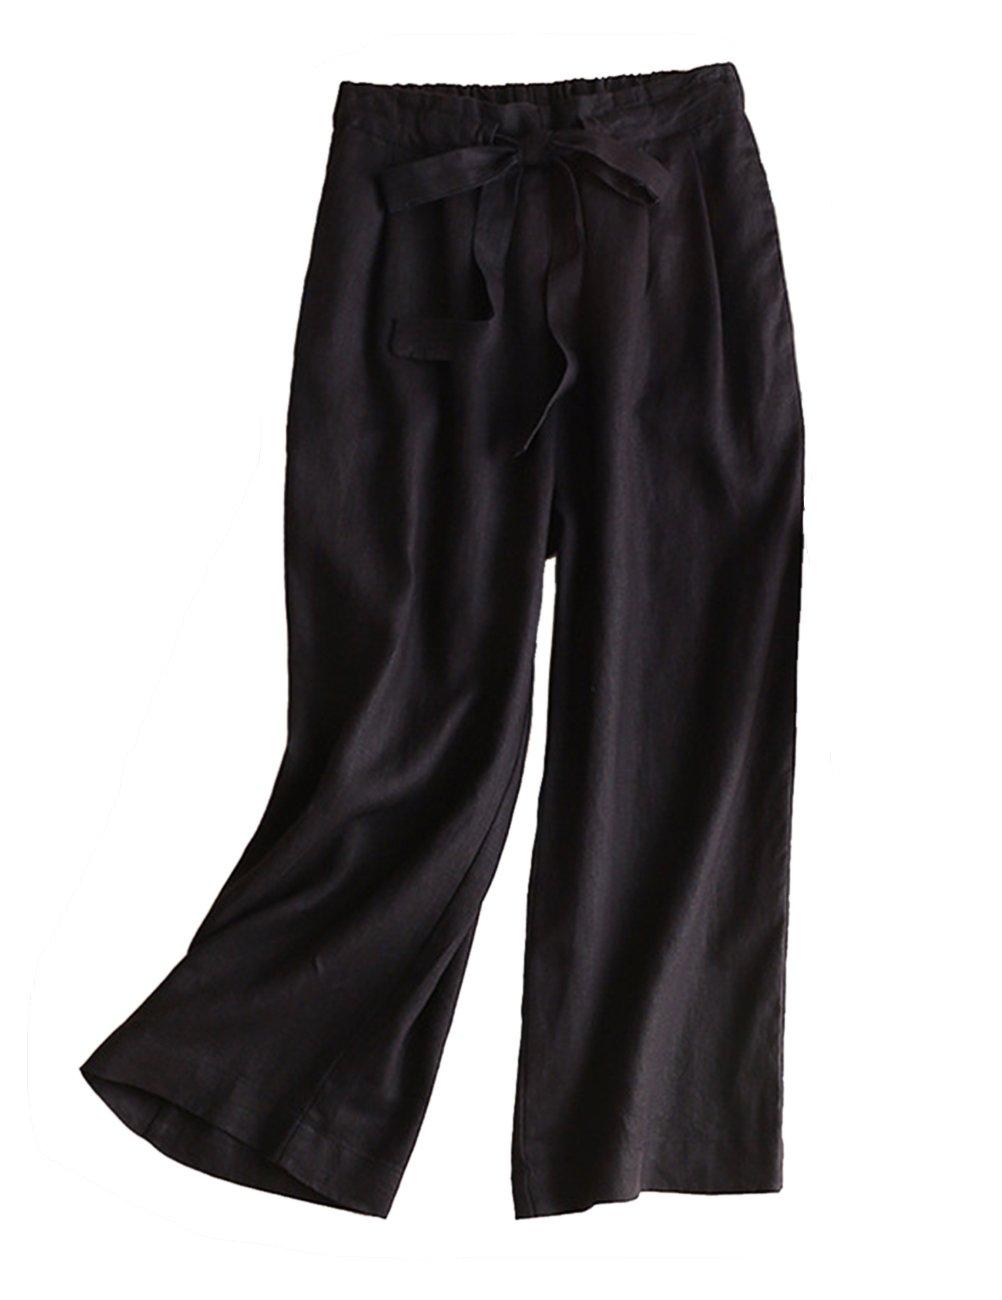 IXIMO レディース リネン ロングパンツ ワイド パンツ 無地 ウェストゴム ドロスト プリーツ入り ゆったり カジュアル きれいめ ワイドパンツ ズボン 6色展開 B07CG33712 M|ブラック ブラック M